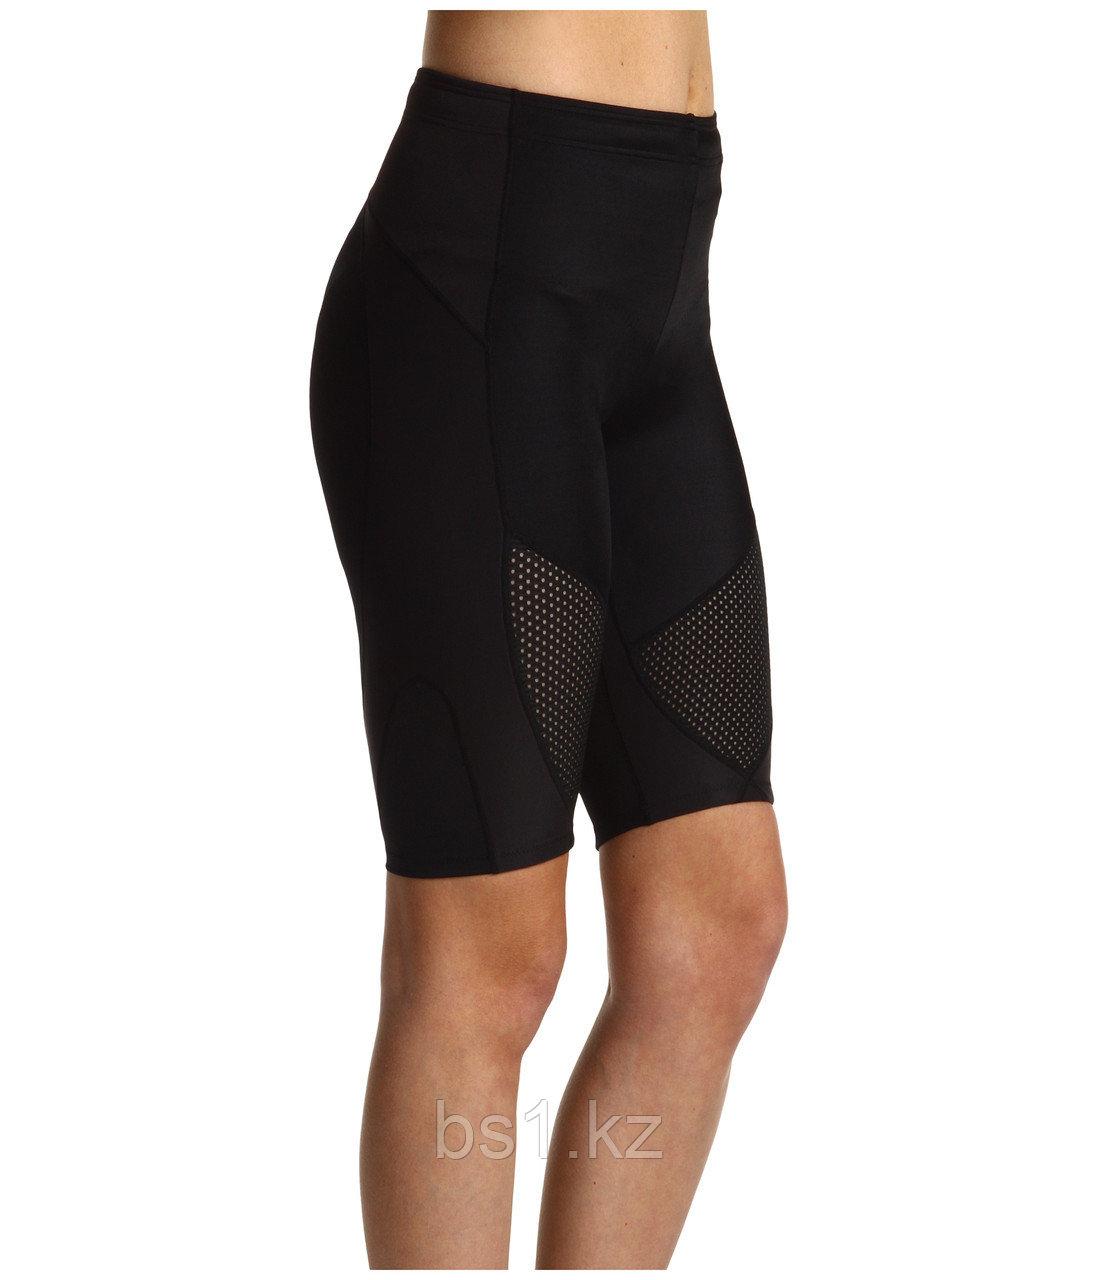 Женские спортивные шорты леггинсы Staiblyx Ventilator Shorts